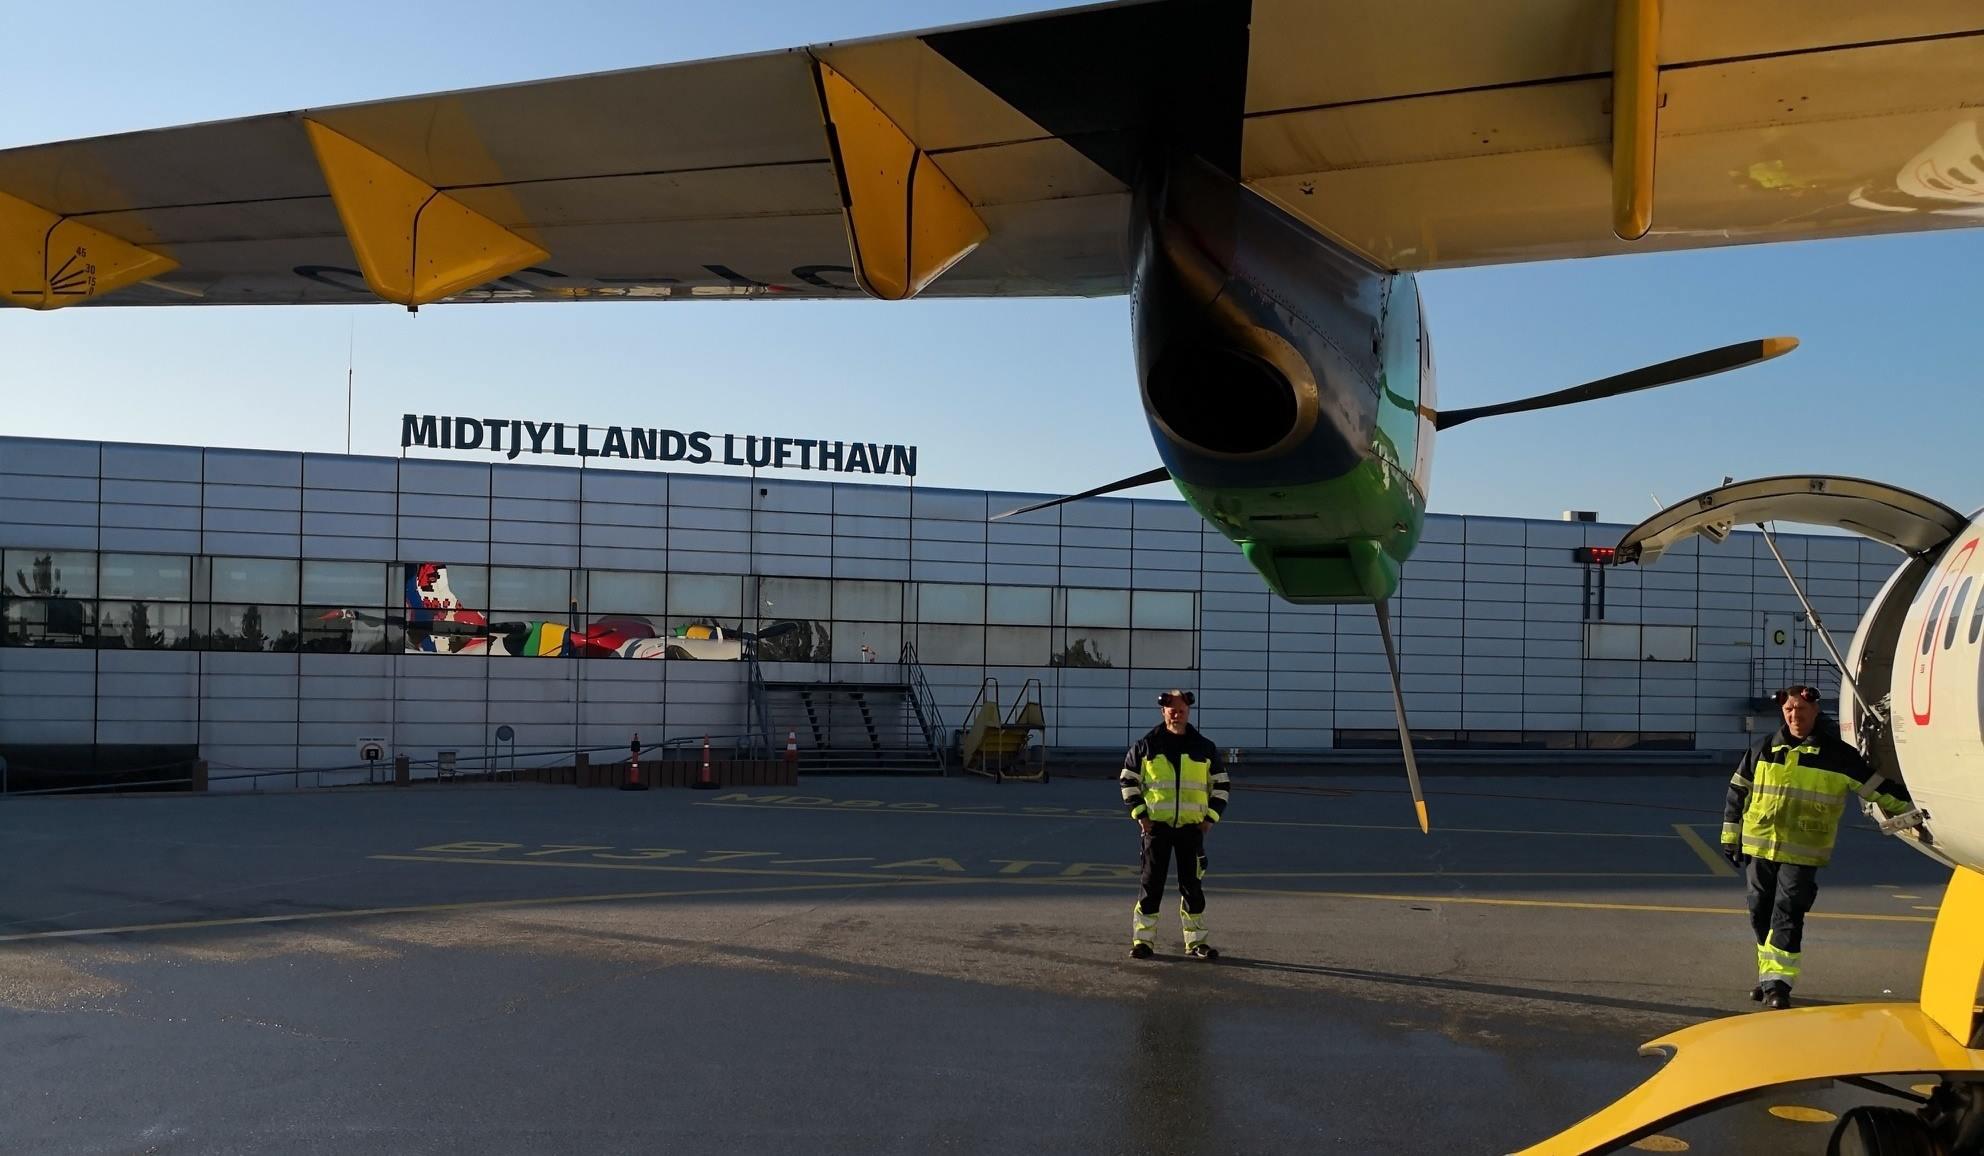 Forpladsen i Midtjyllands Lufthavn. (Foto: Midtjyllands Lufthavn | Facebook)